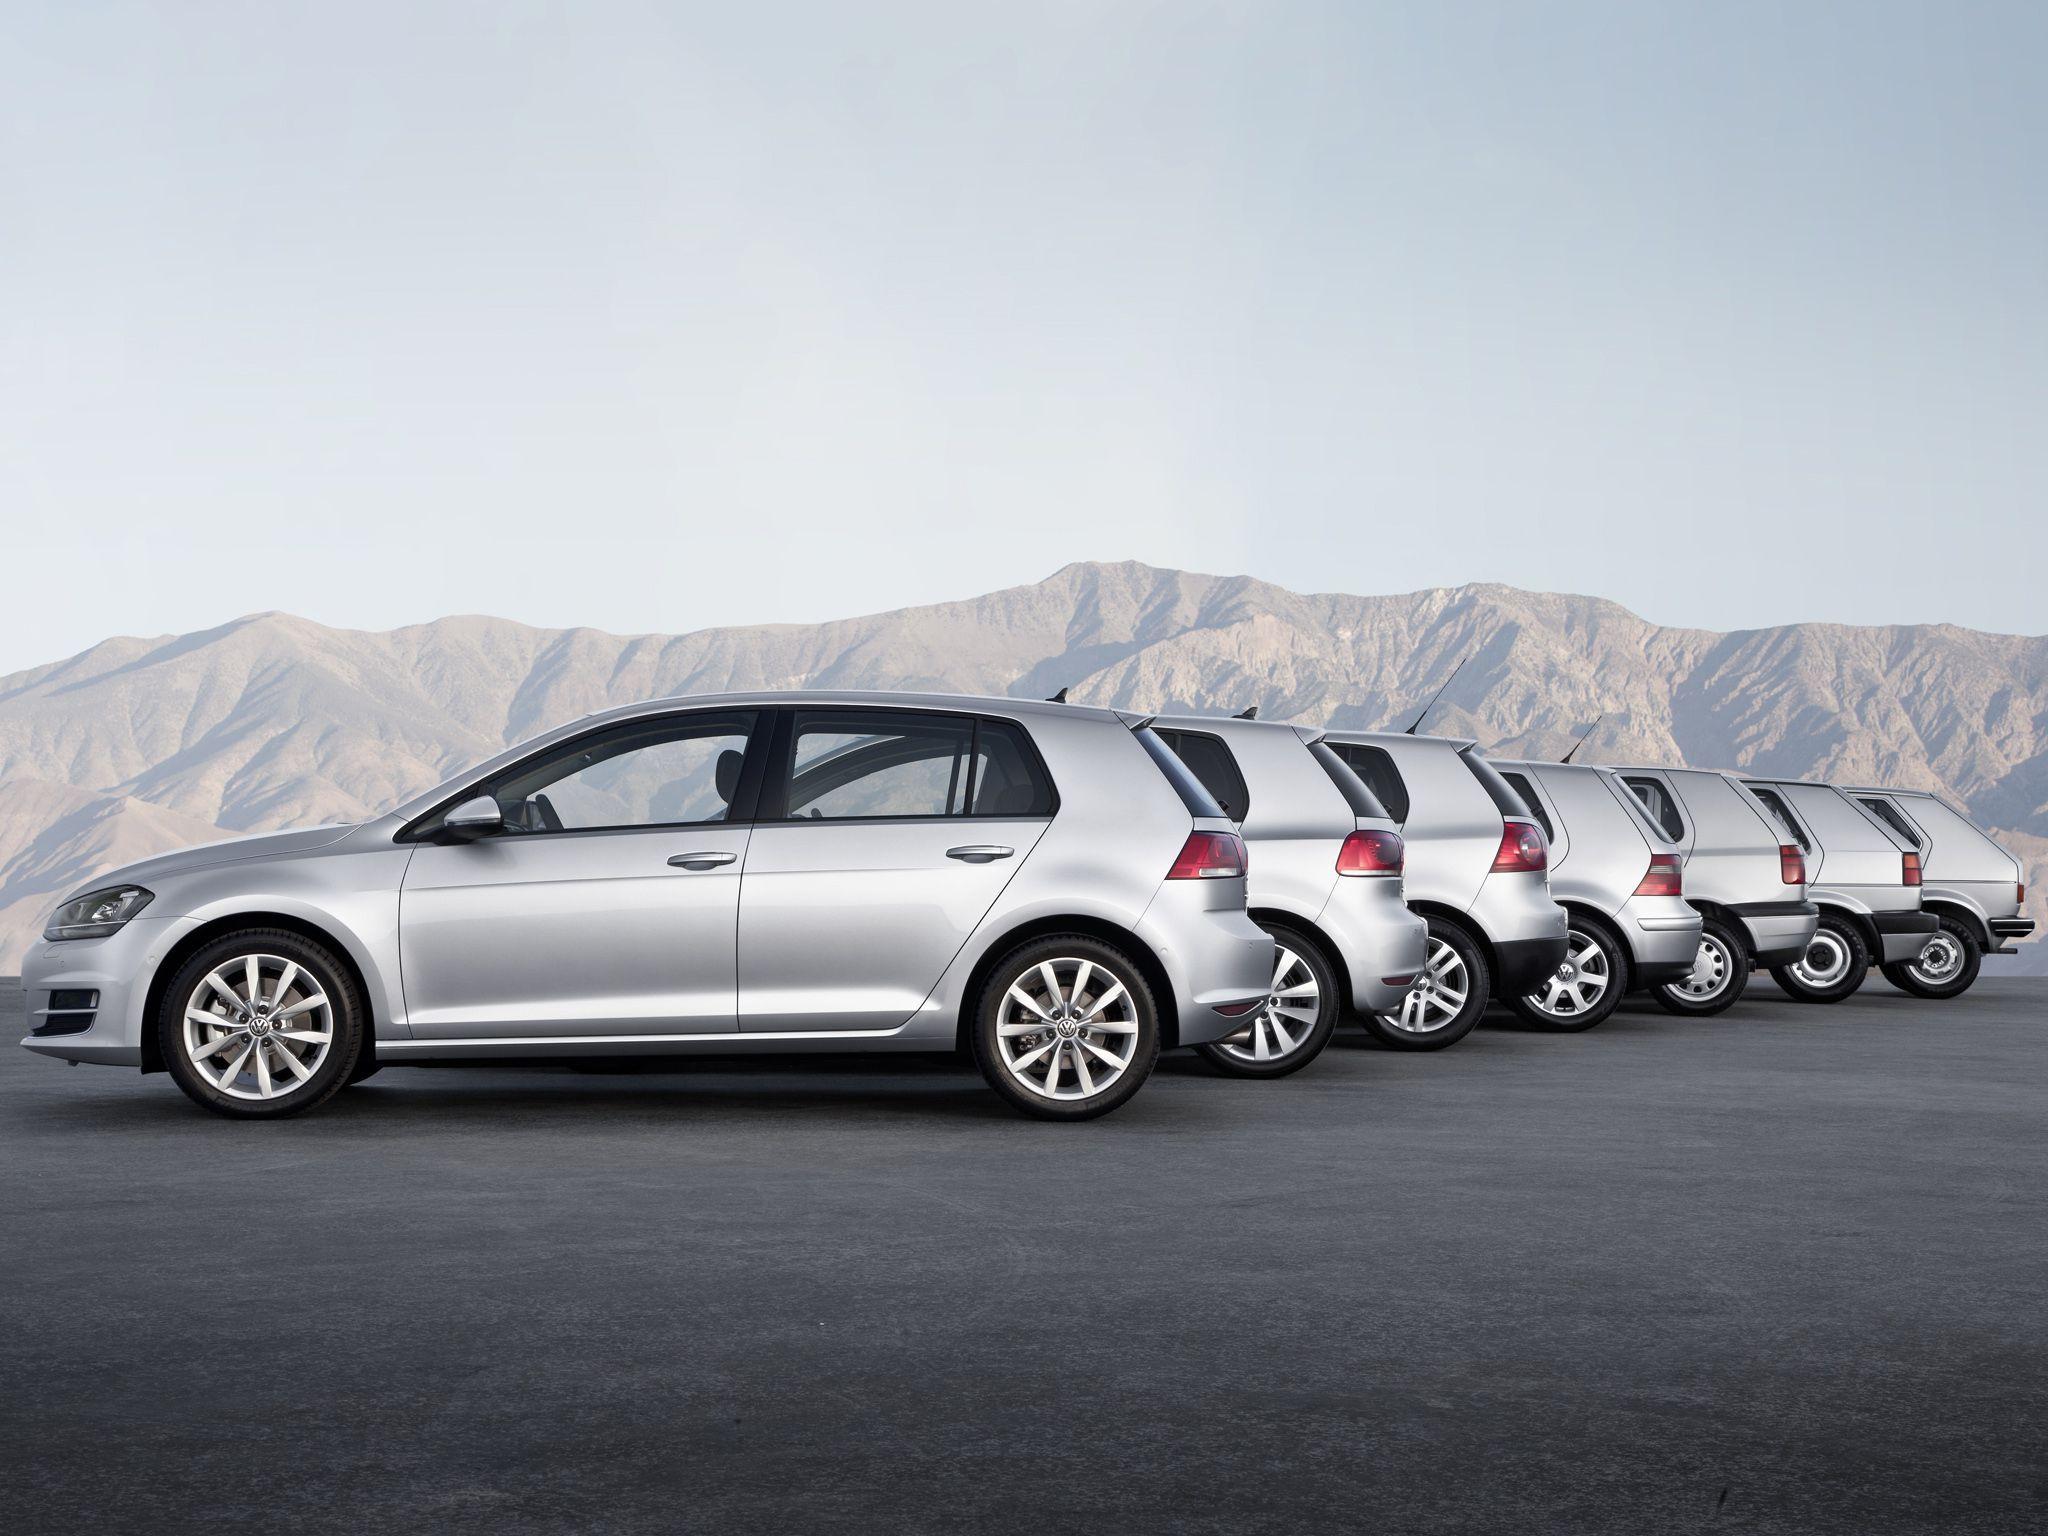 Volkswagen Golf Hd Desktop